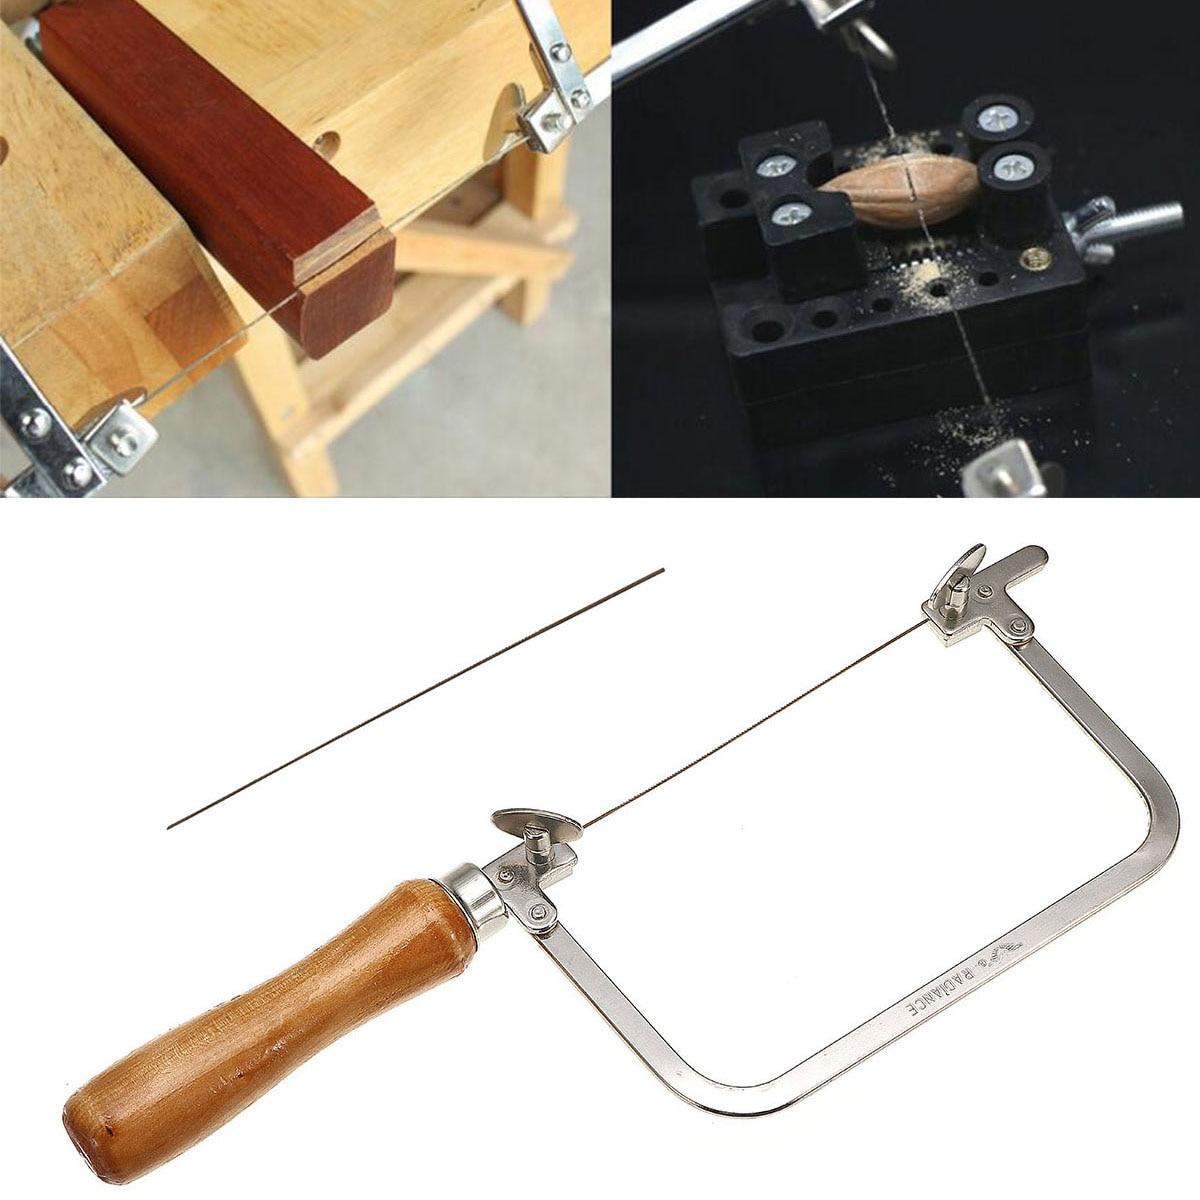 Tragbare Hand Sah für Holz Mini Hand Werkzeuge Sah Bogen Schmuck Draht Geschnitzt U-geformte Hand Hacksaw Griff Werkzeug für Holz Metall